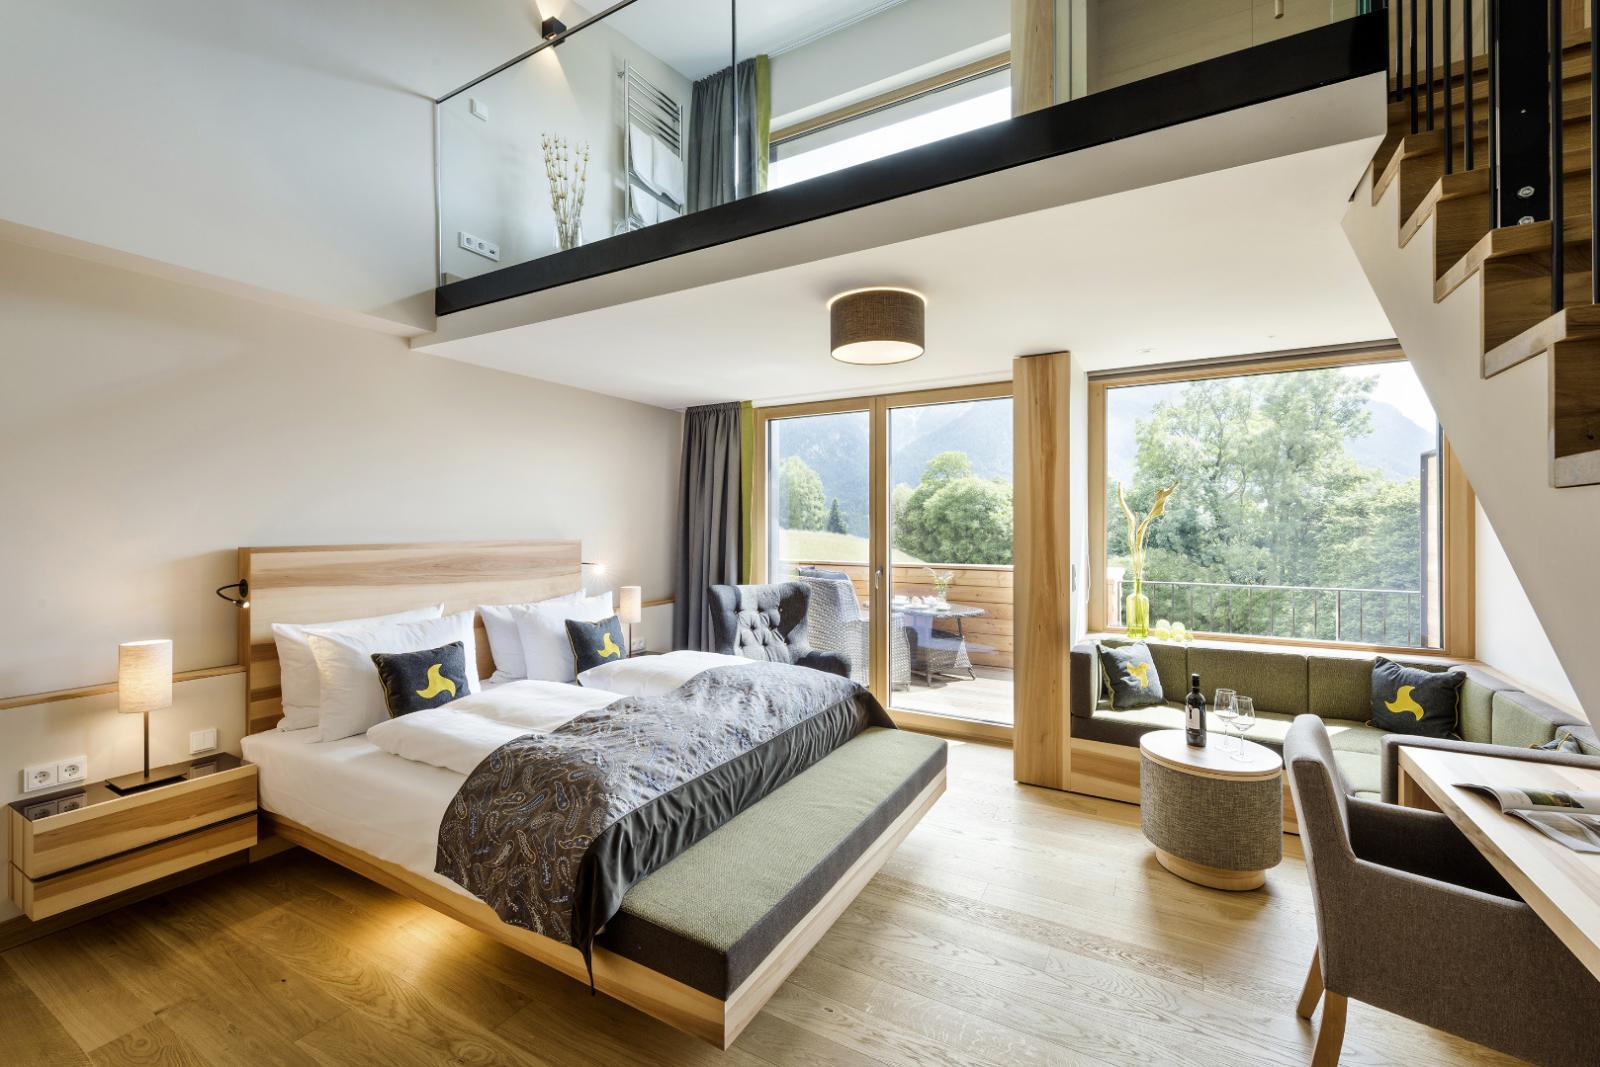 klosterhof premium und health resort s bei bad reichenhall das top 4 sterne s wellnesshotel. Black Bedroom Furniture Sets. Home Design Ideas